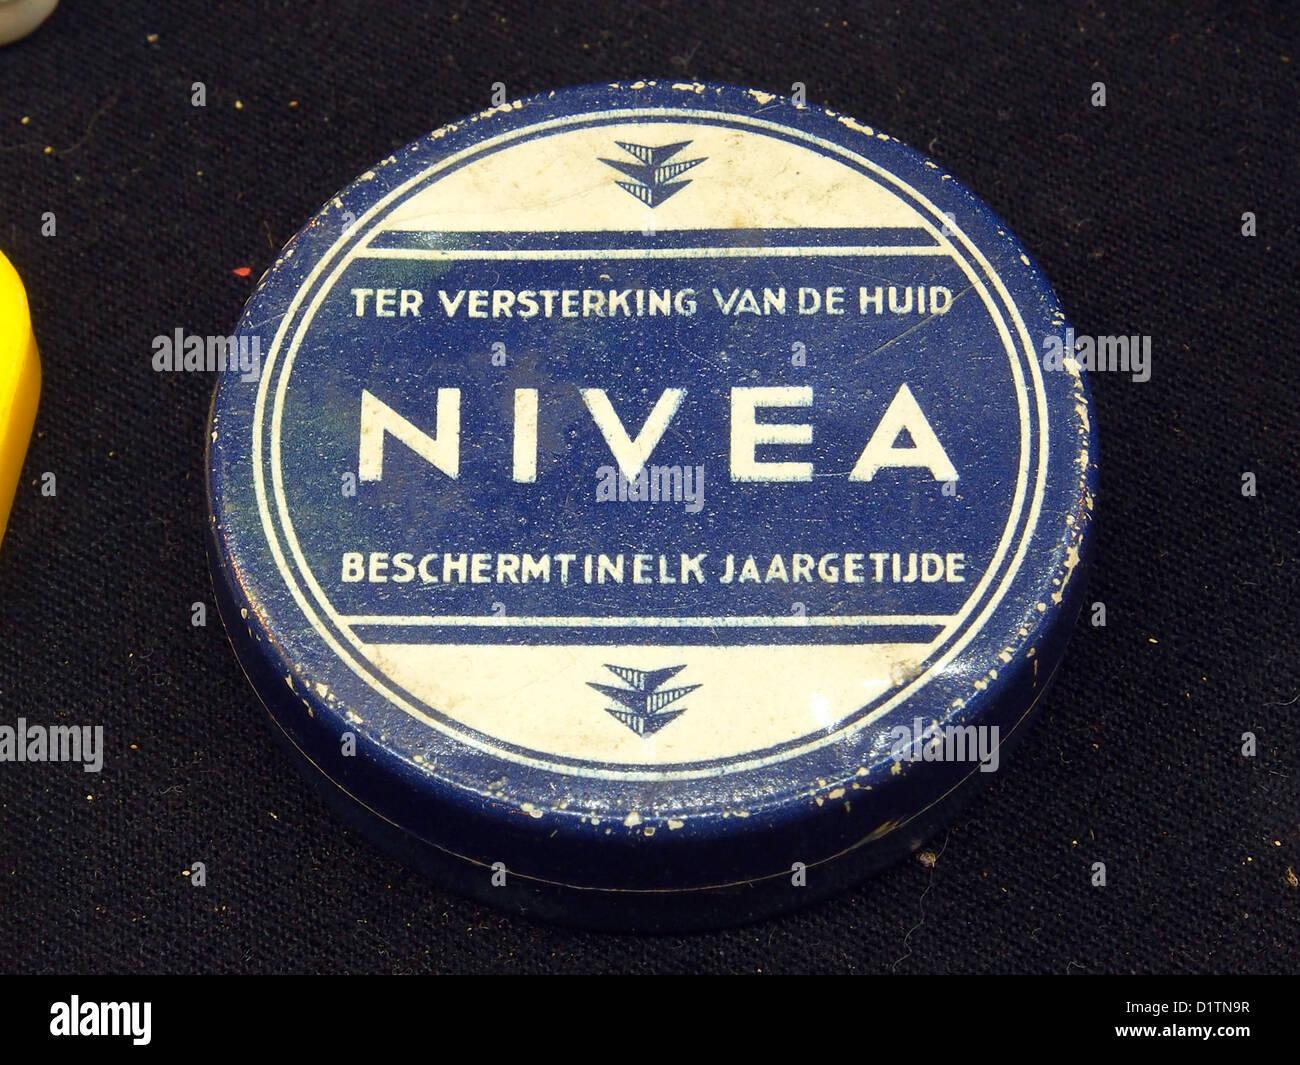 Nivea, ter versterking van de huid - Stock Image